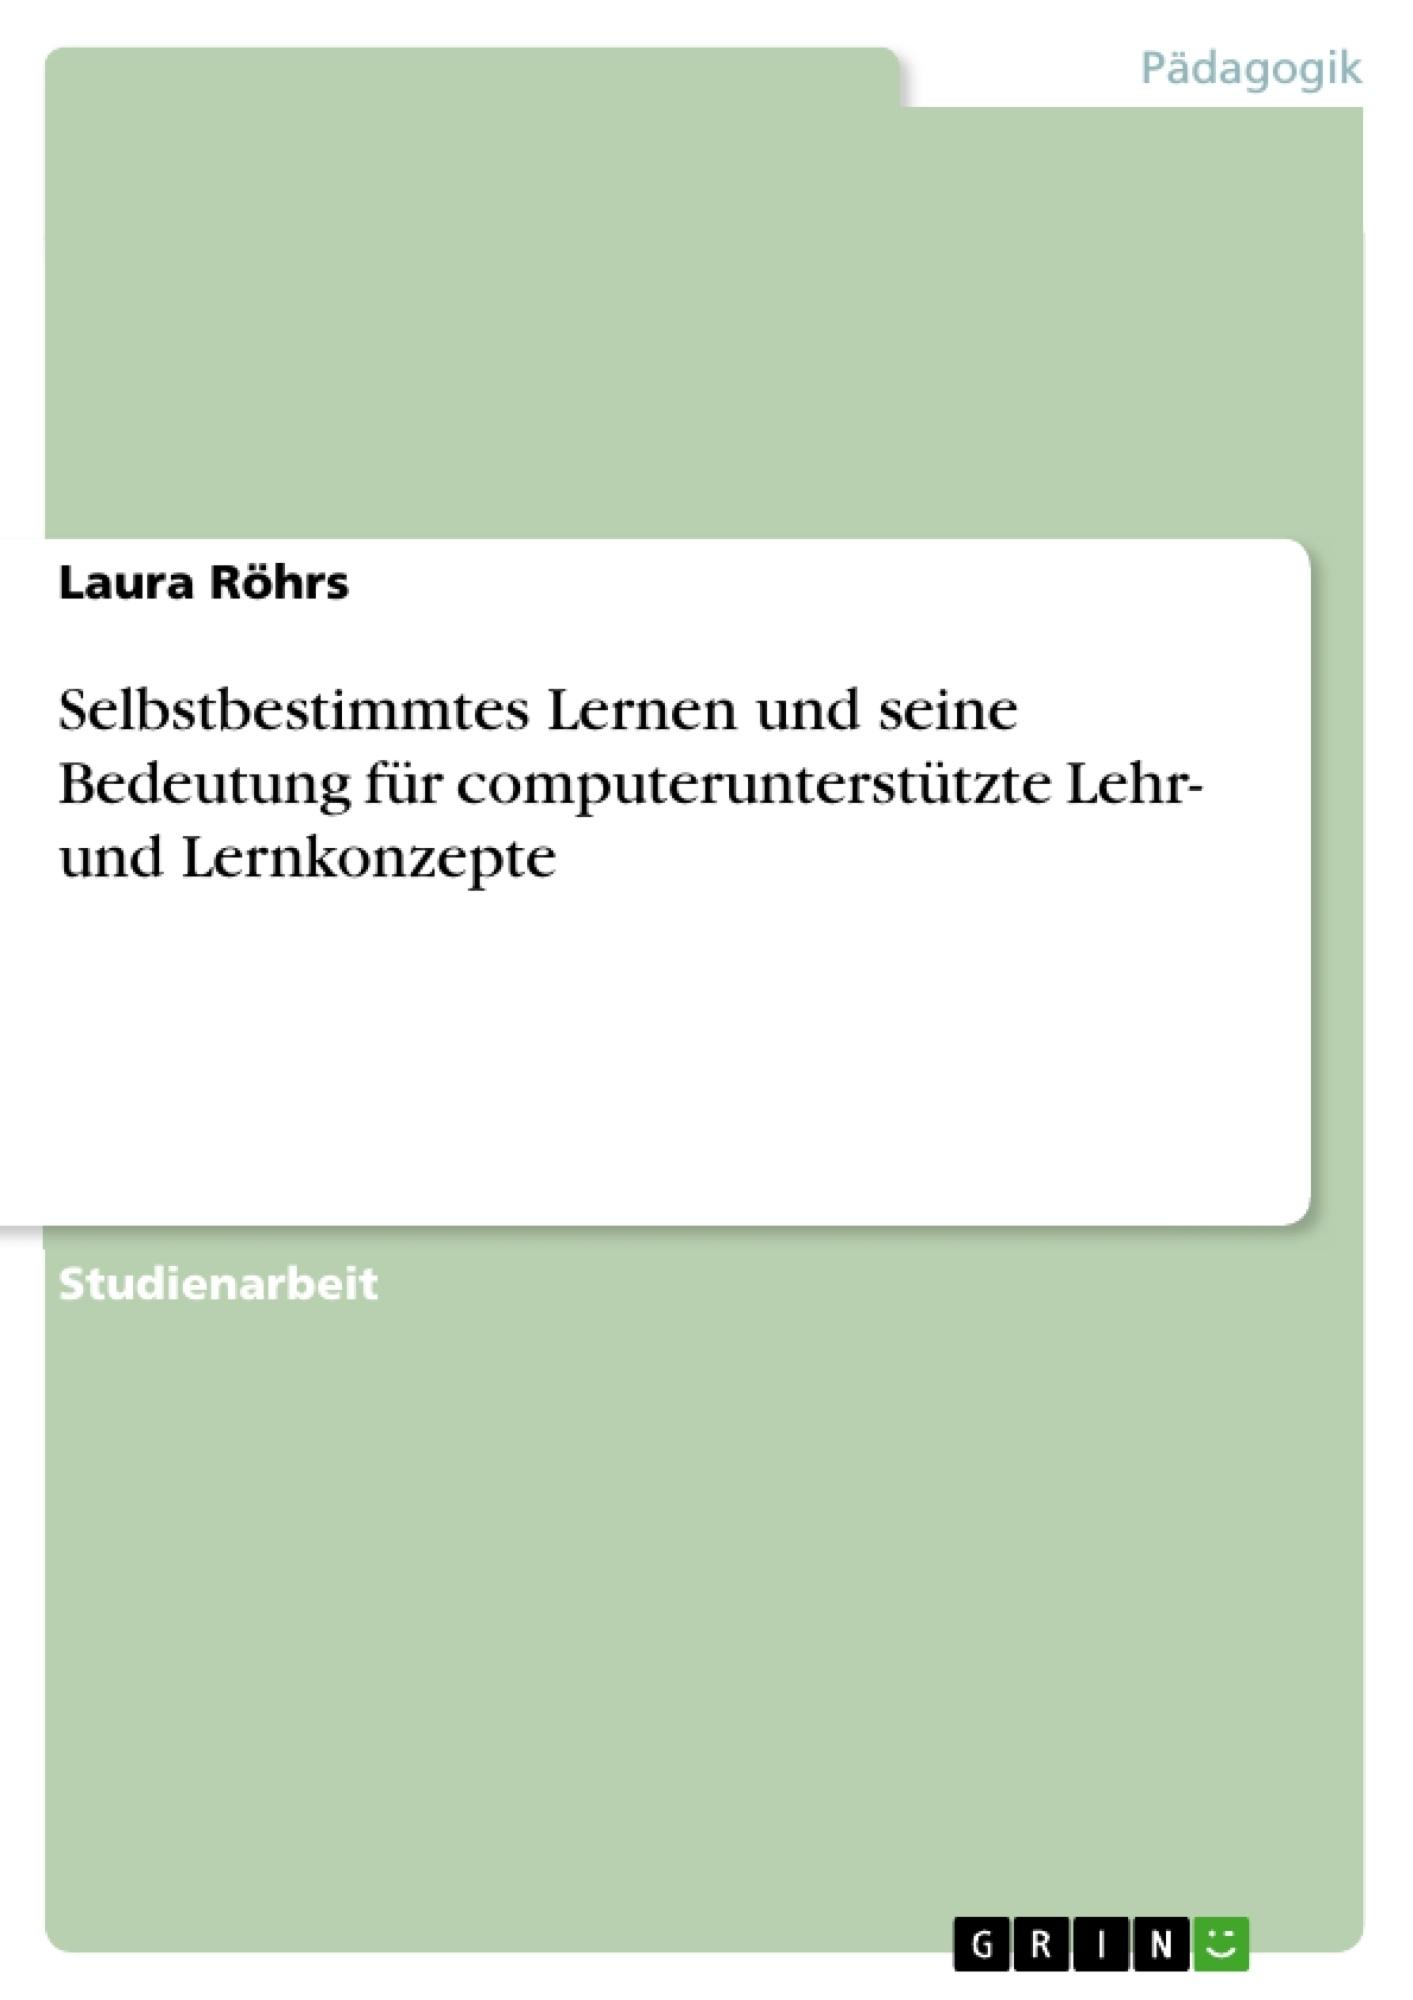 Titel: Selbstbestimmtes Lernen und seine Bedeutung für computerunterstützte Lehr- und Lernkonzepte